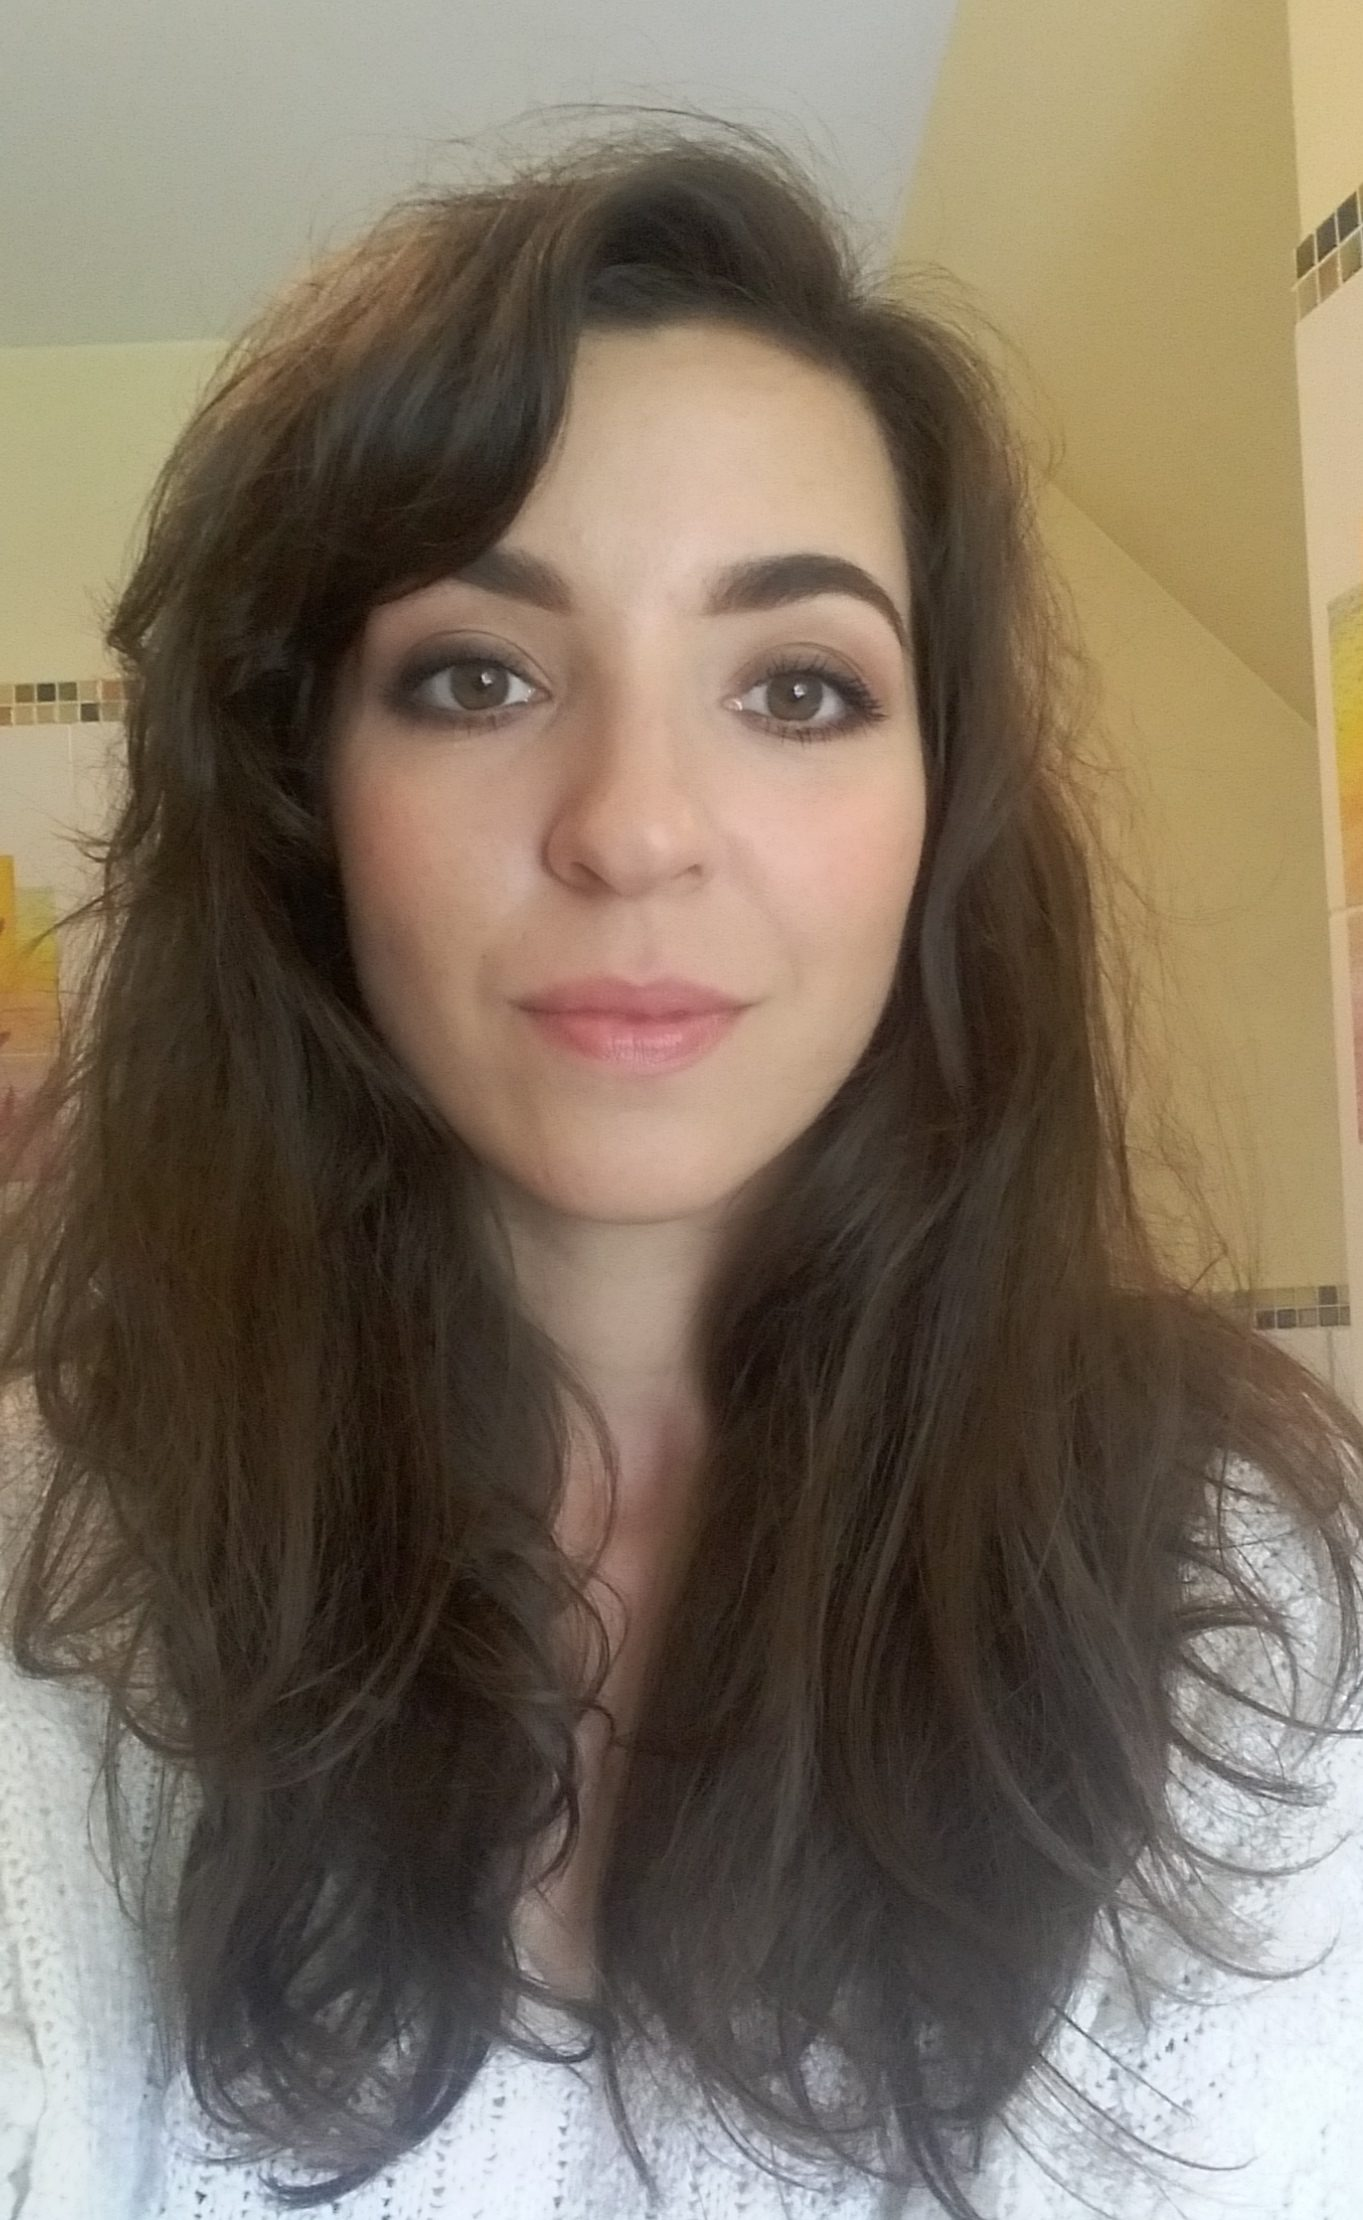 Tu też jestem profesjonalnie umalowana przez siostrę. Z dzisiejszej perspektywy totalnie nie odnajduję się w tak mocnym makijażu.